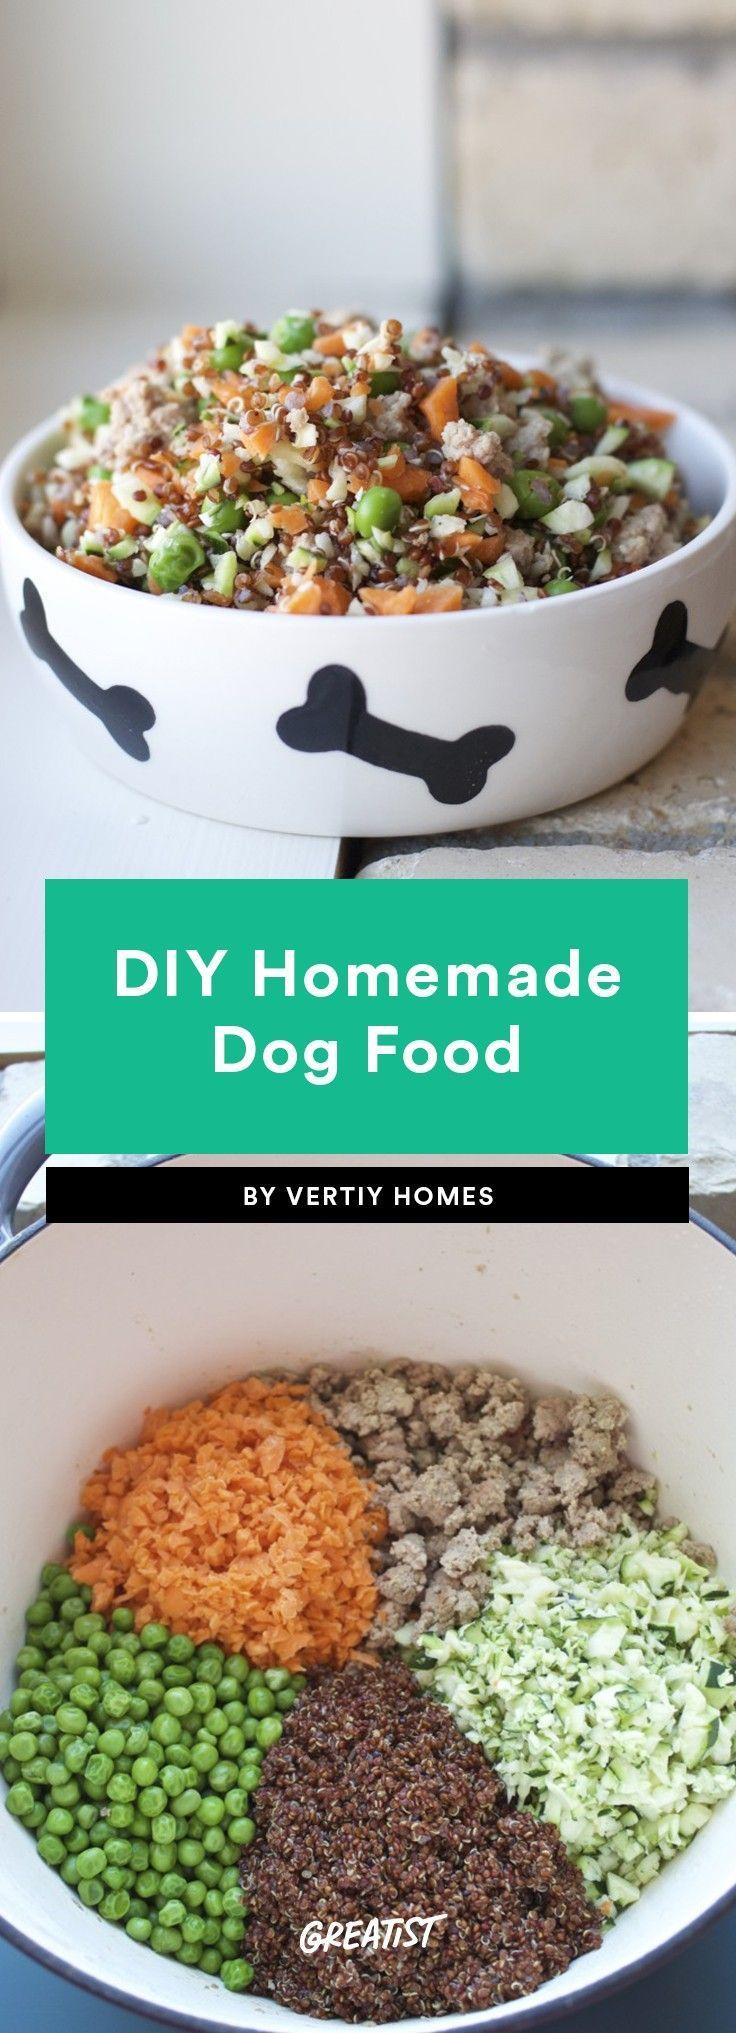 7 diy homemade dog food healthydogfoodrecipes dog food